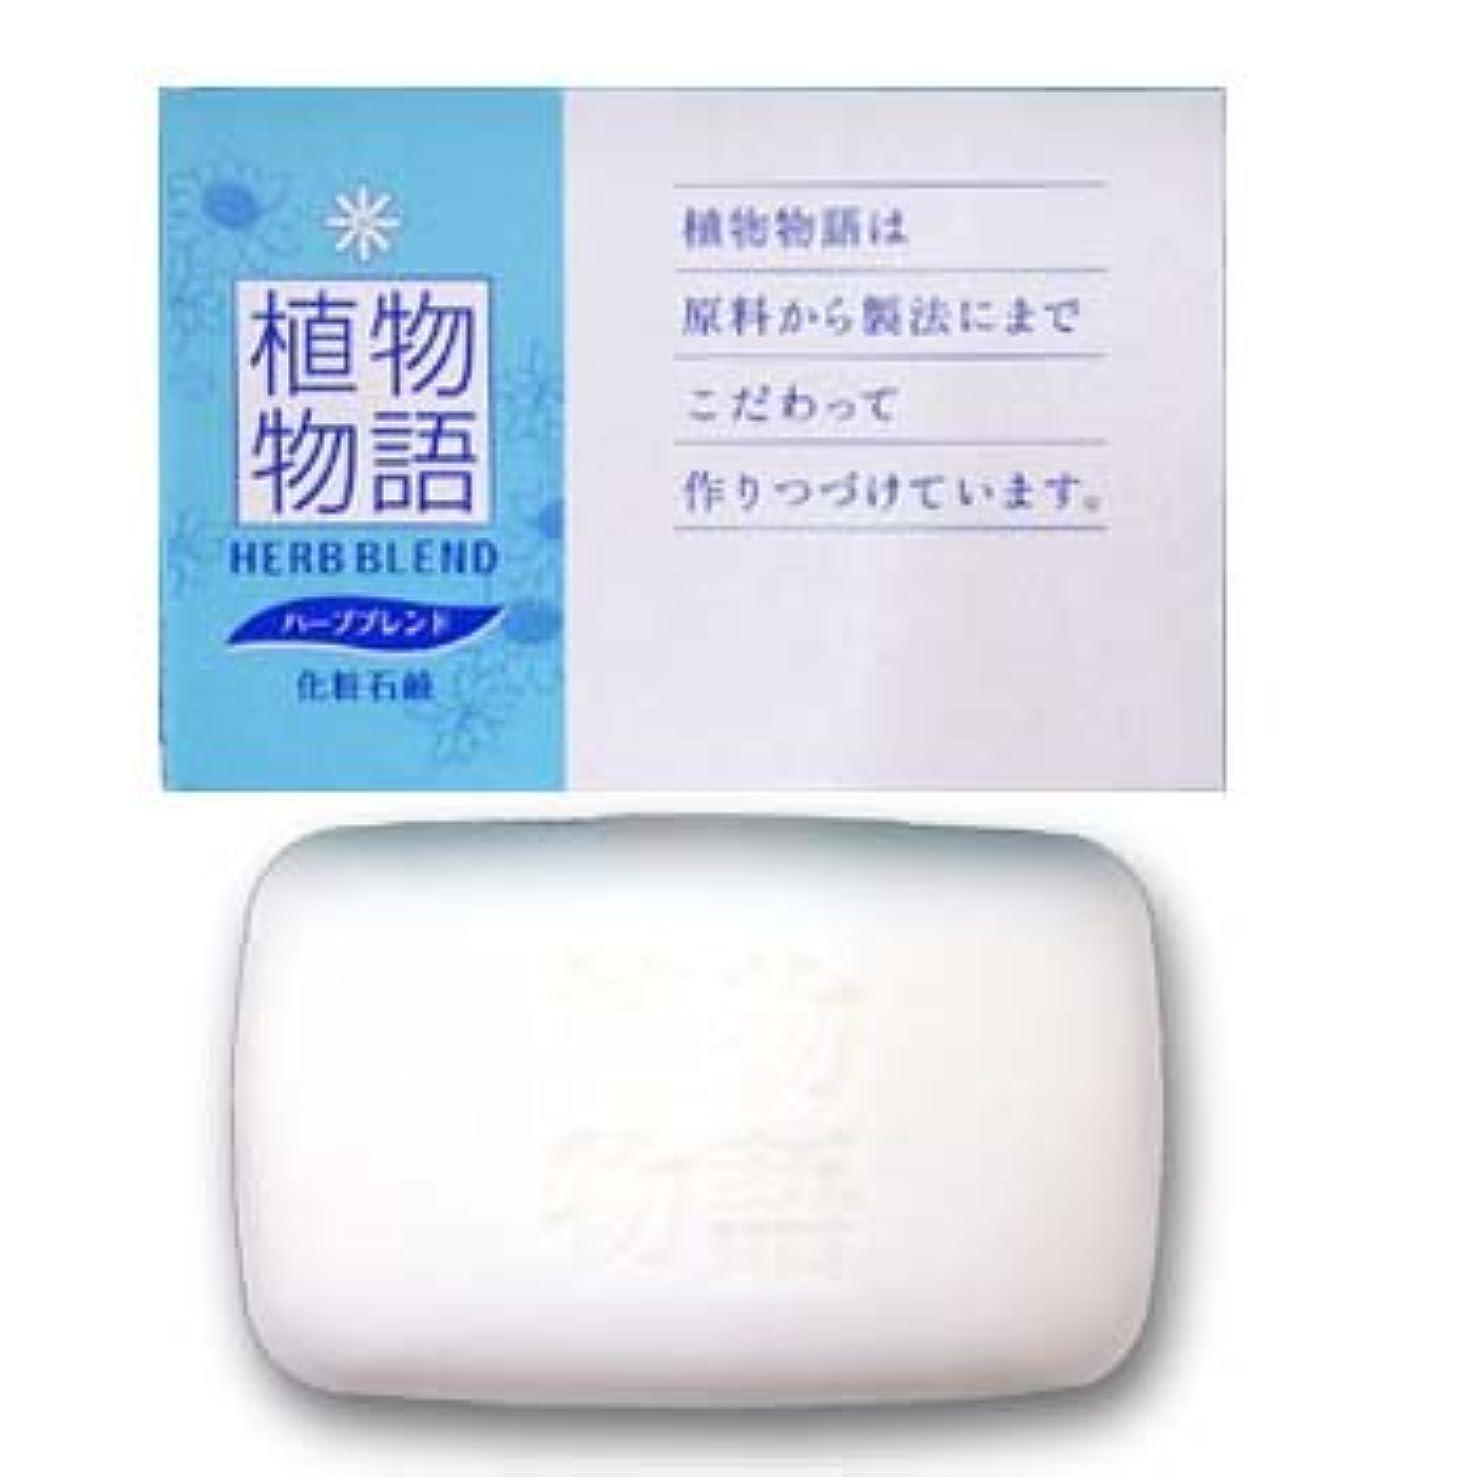 設計ポーズぼかすLION 植物物語石鹸80g化粧箱入(1セット100個入)